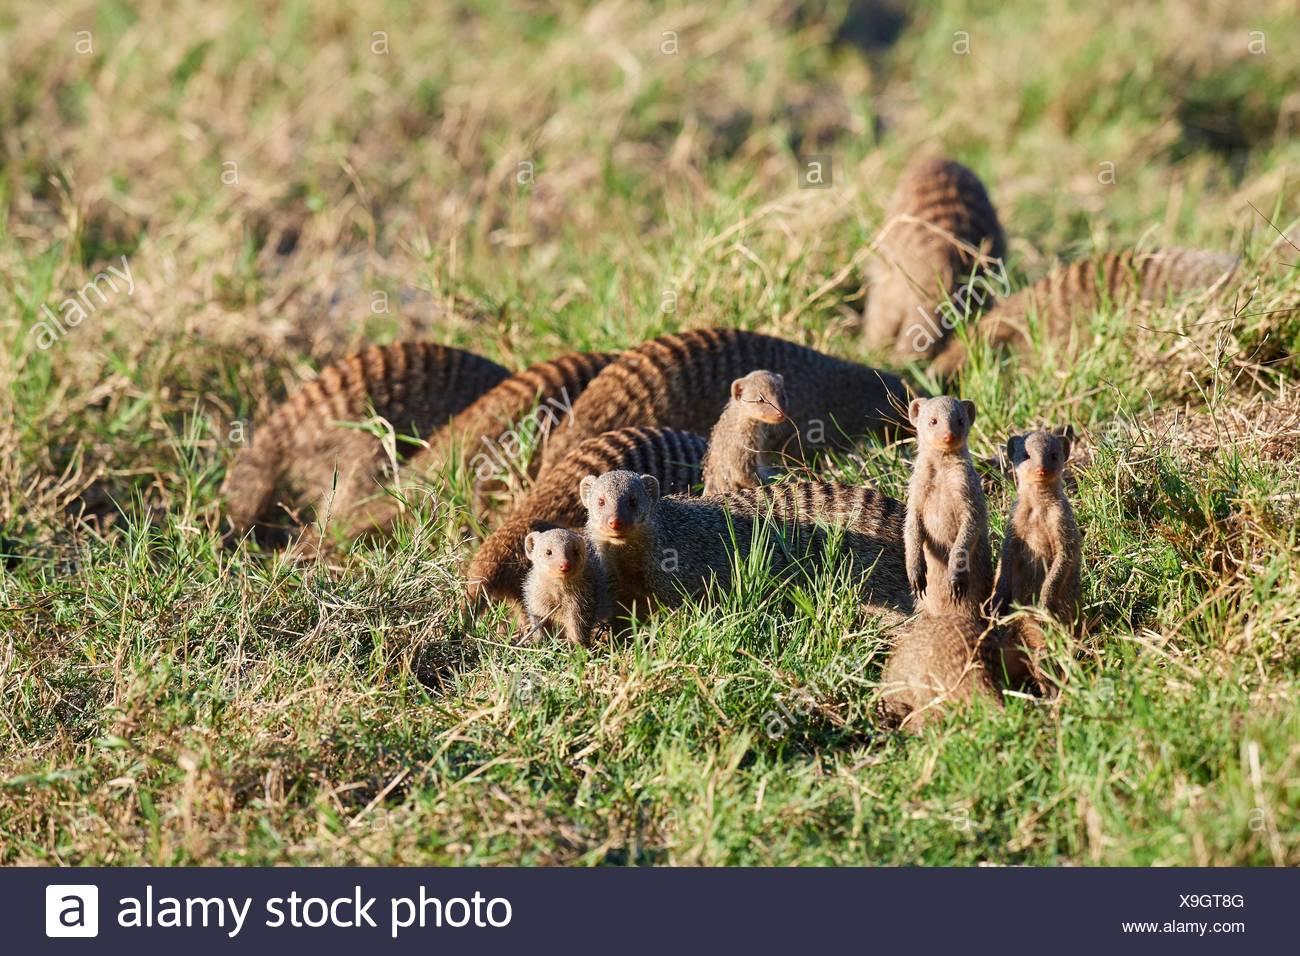 Banded Mongoose (Mungos mungo) family group, Moremi National Park, Okavango Delta, Botswana, Southern Africa. - Stock Image